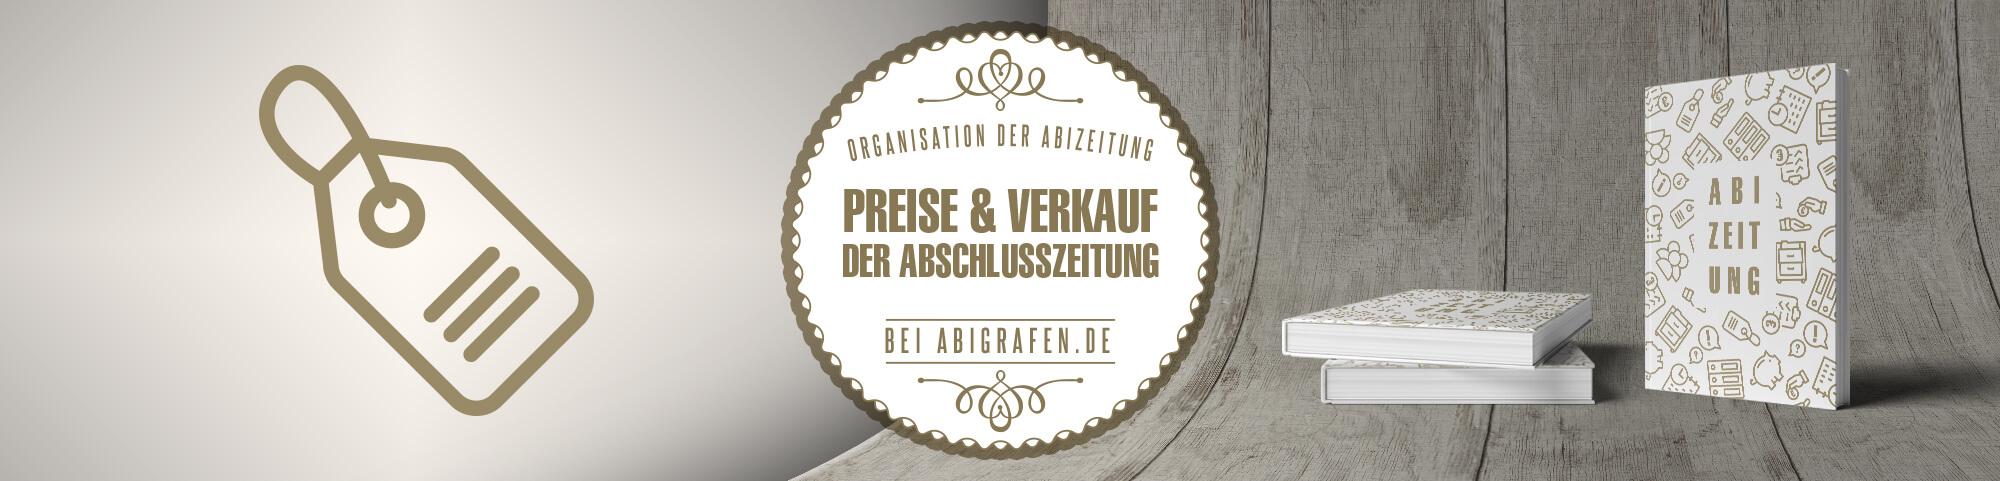 Organisation der Abizeitung: Tipps & Anleitung rund um die Preisgestaltung für den Abibuch/Abizeitung Verkauf